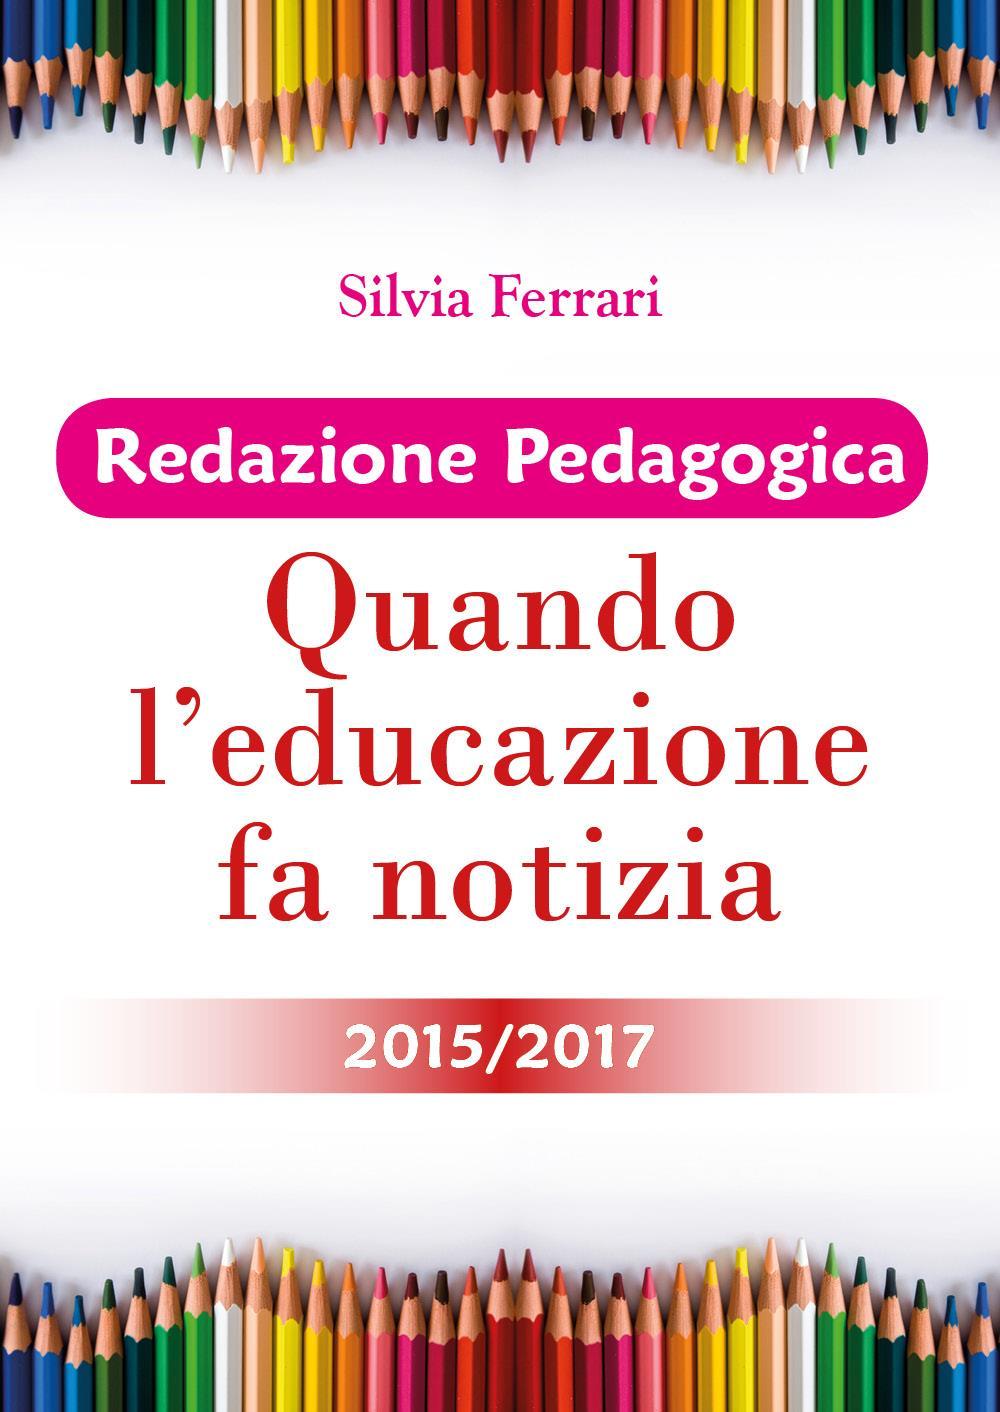 Redazione Pedagogica - Quando l'educazione fa notizia - 2015/2017